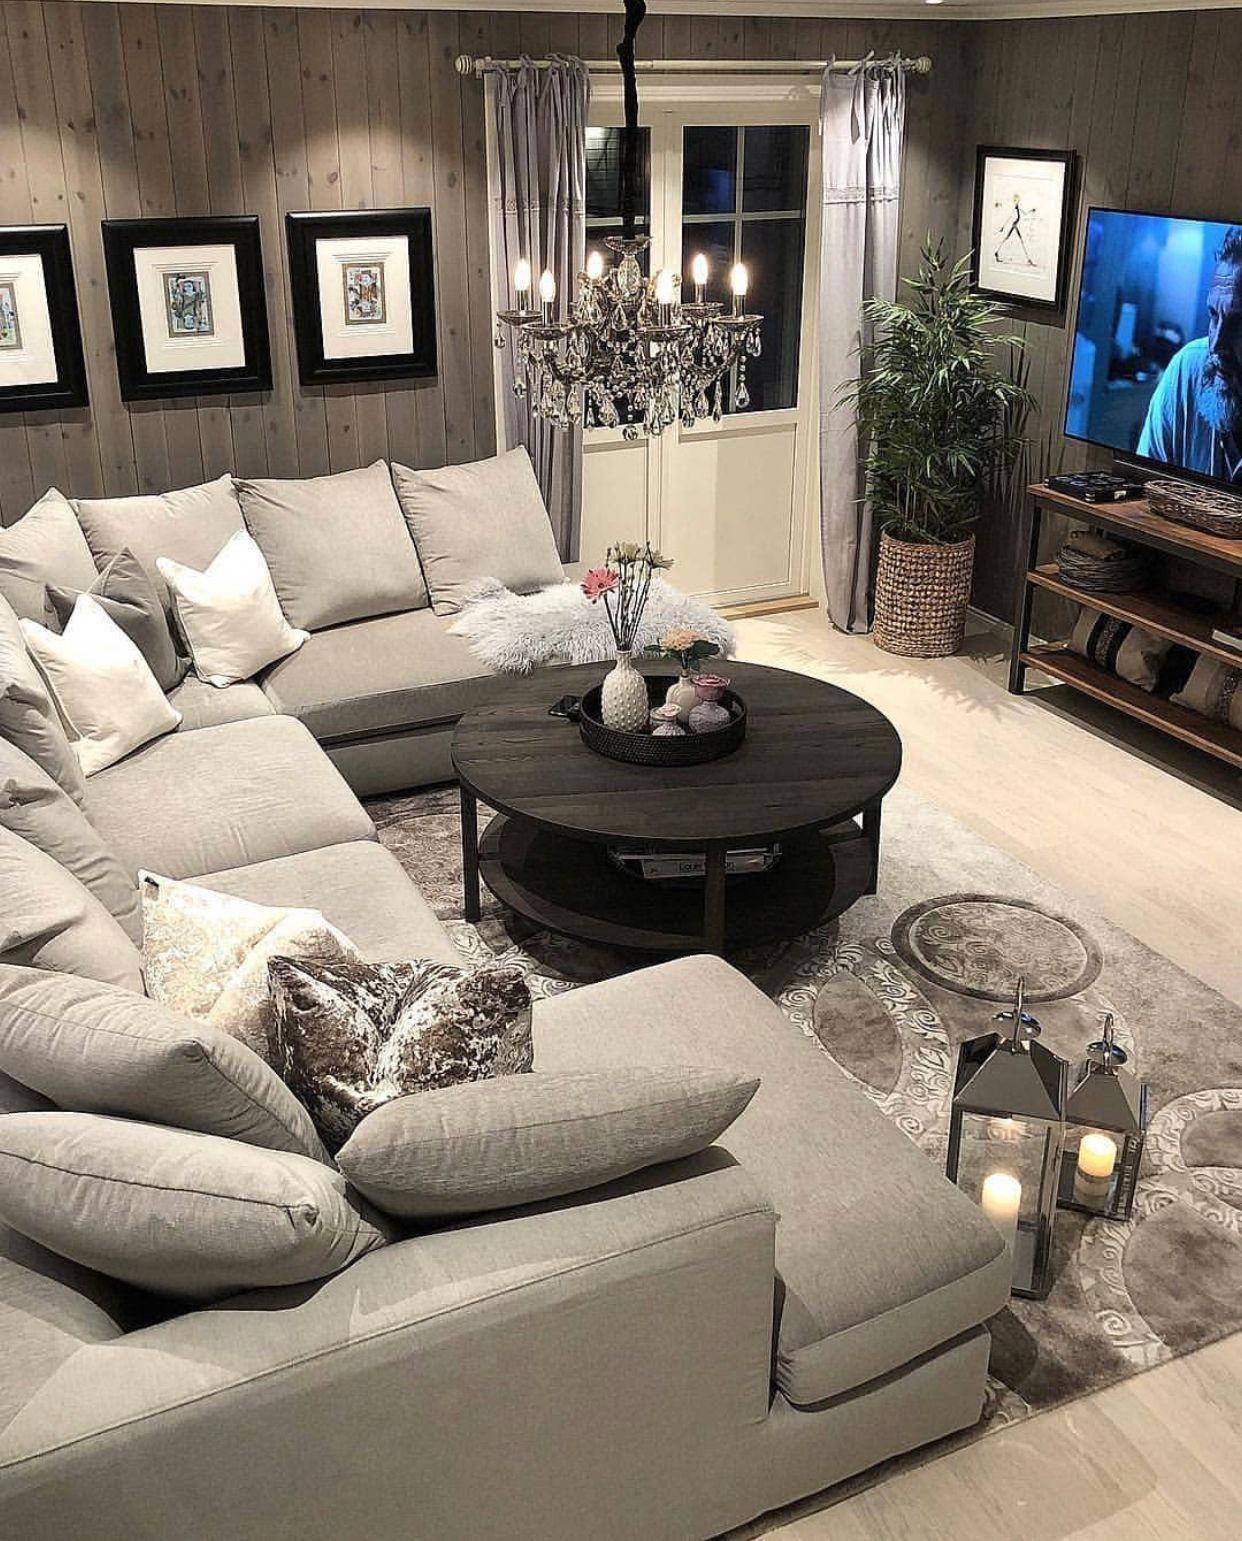 14 Small Apartment Living Rooms With The Best Space Saving Ideas In 2020 Wohnung Wohnzimmer Wohnzimmer Ideen Wohnung Wohnung